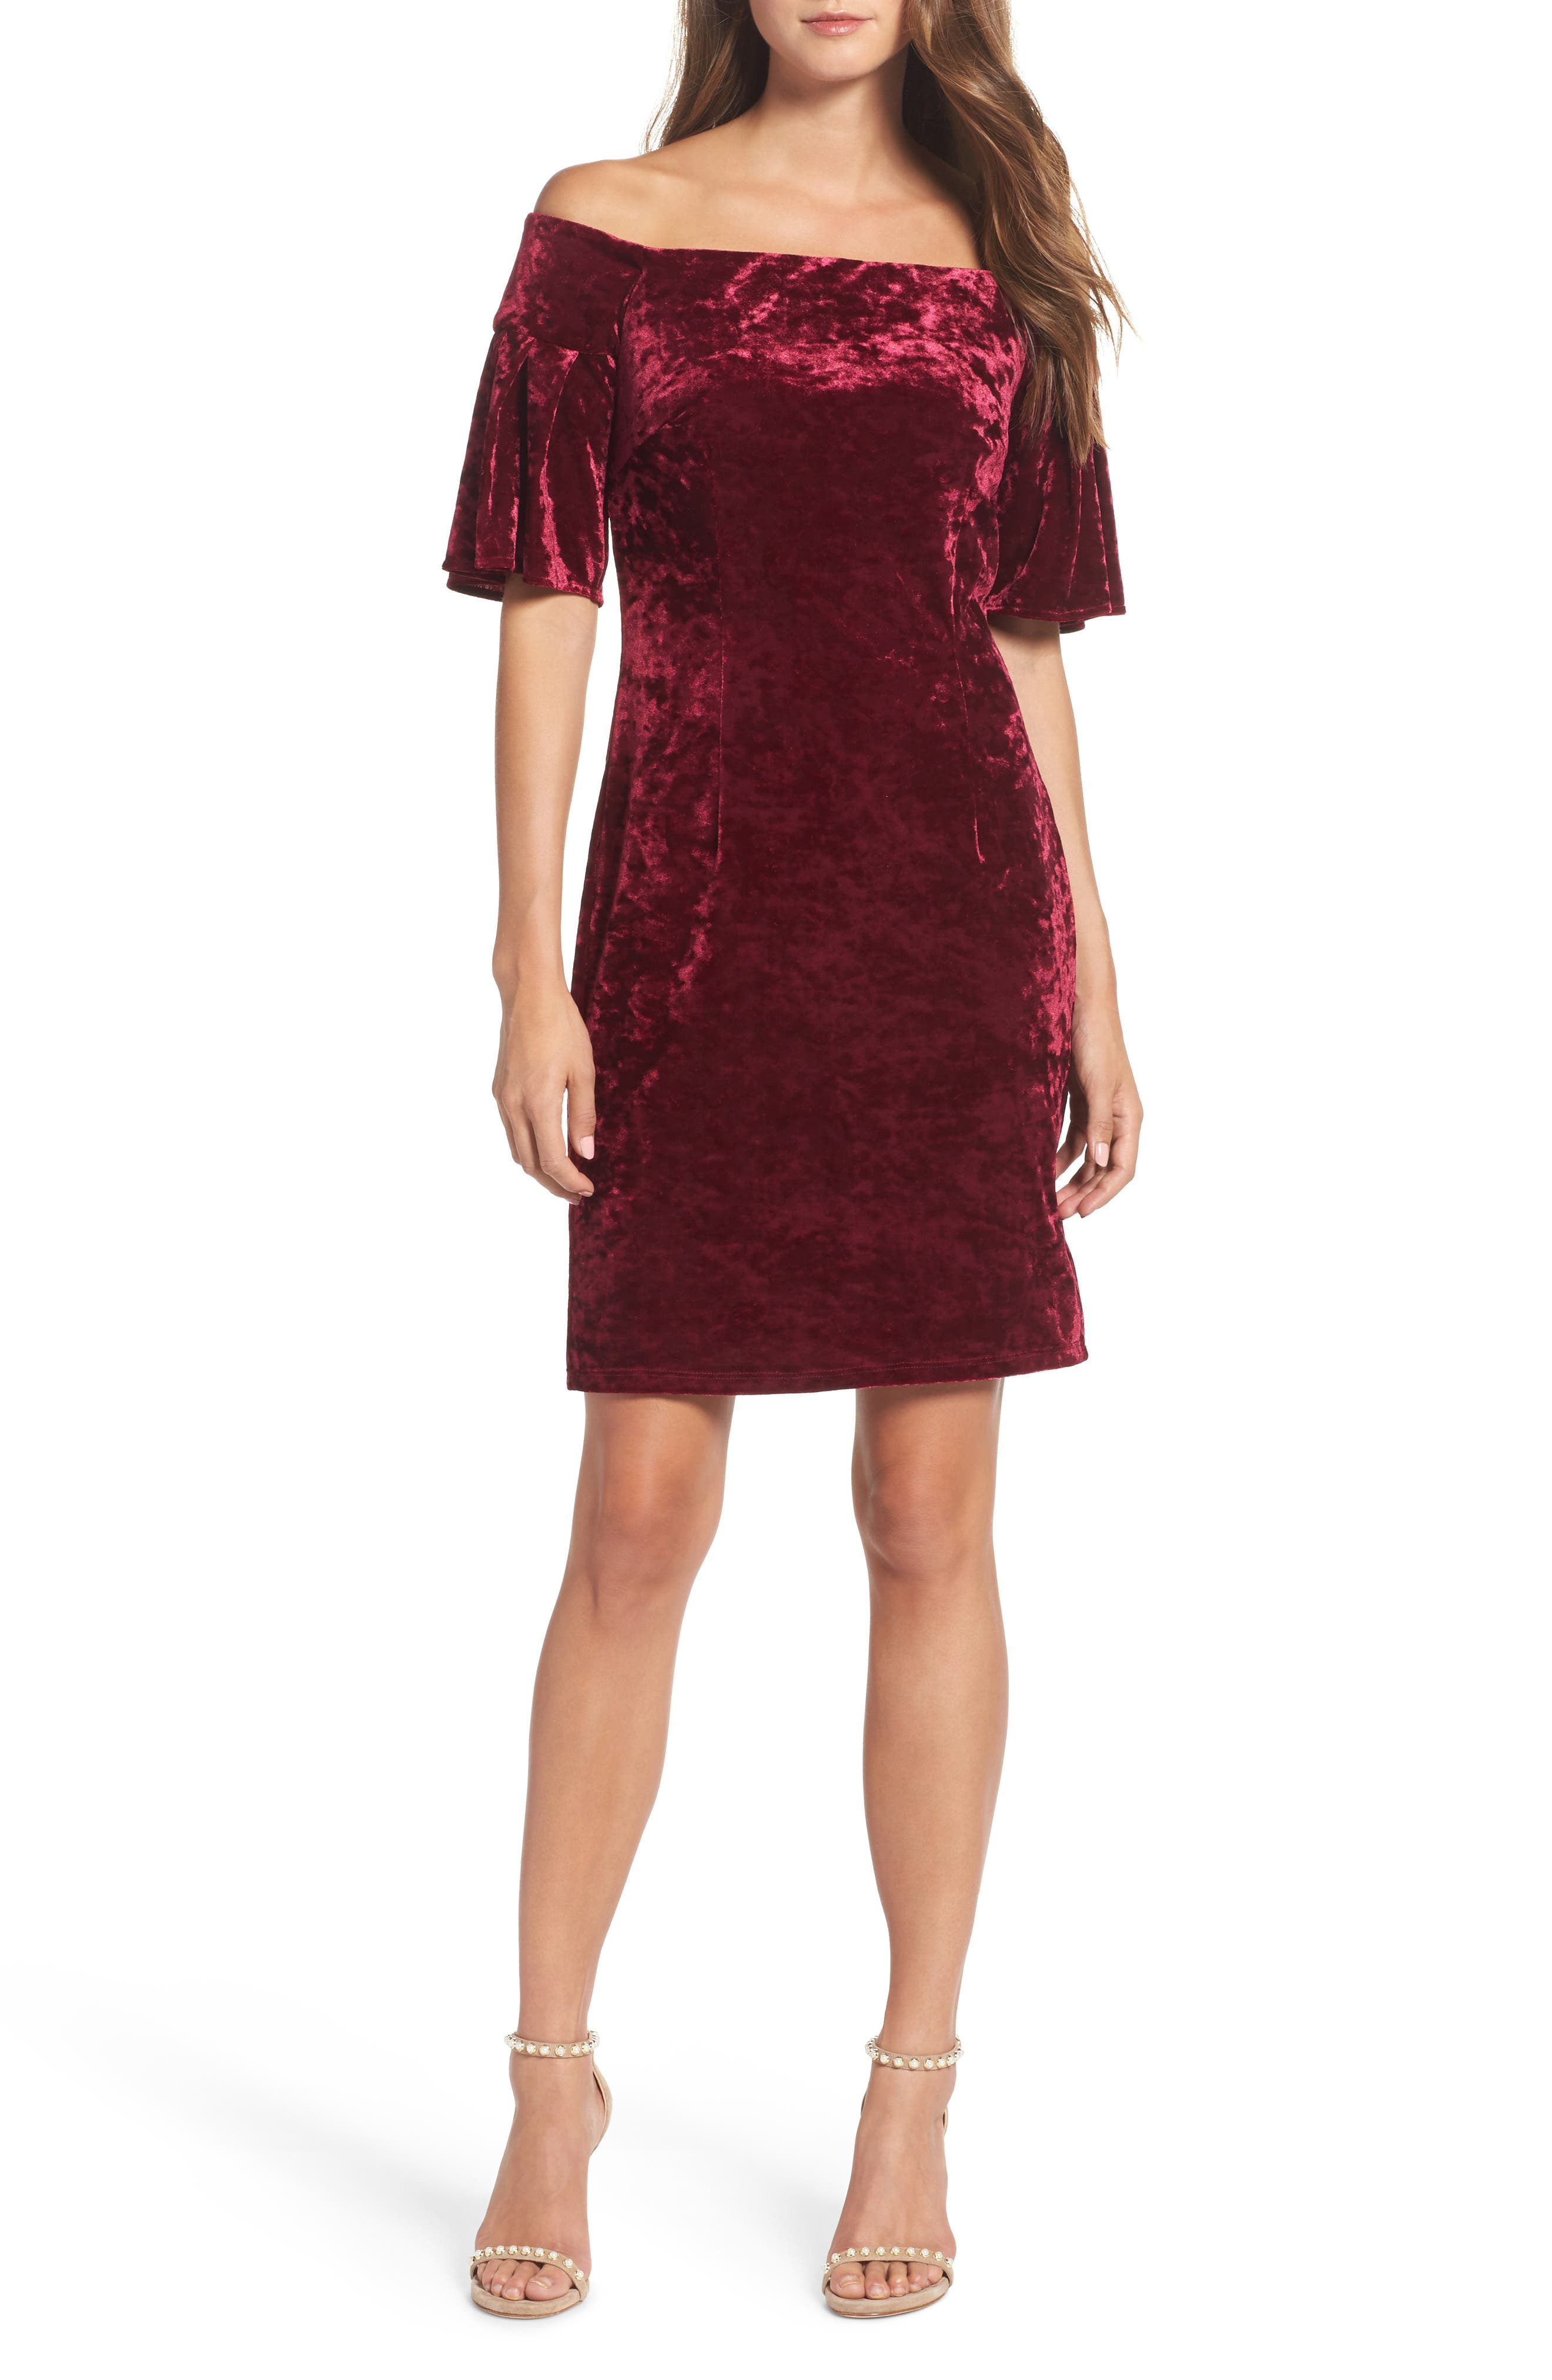 Eliza J Off The Shoulder Velvet Cocktail Dress, 8 (similar to 1) - Burgundy